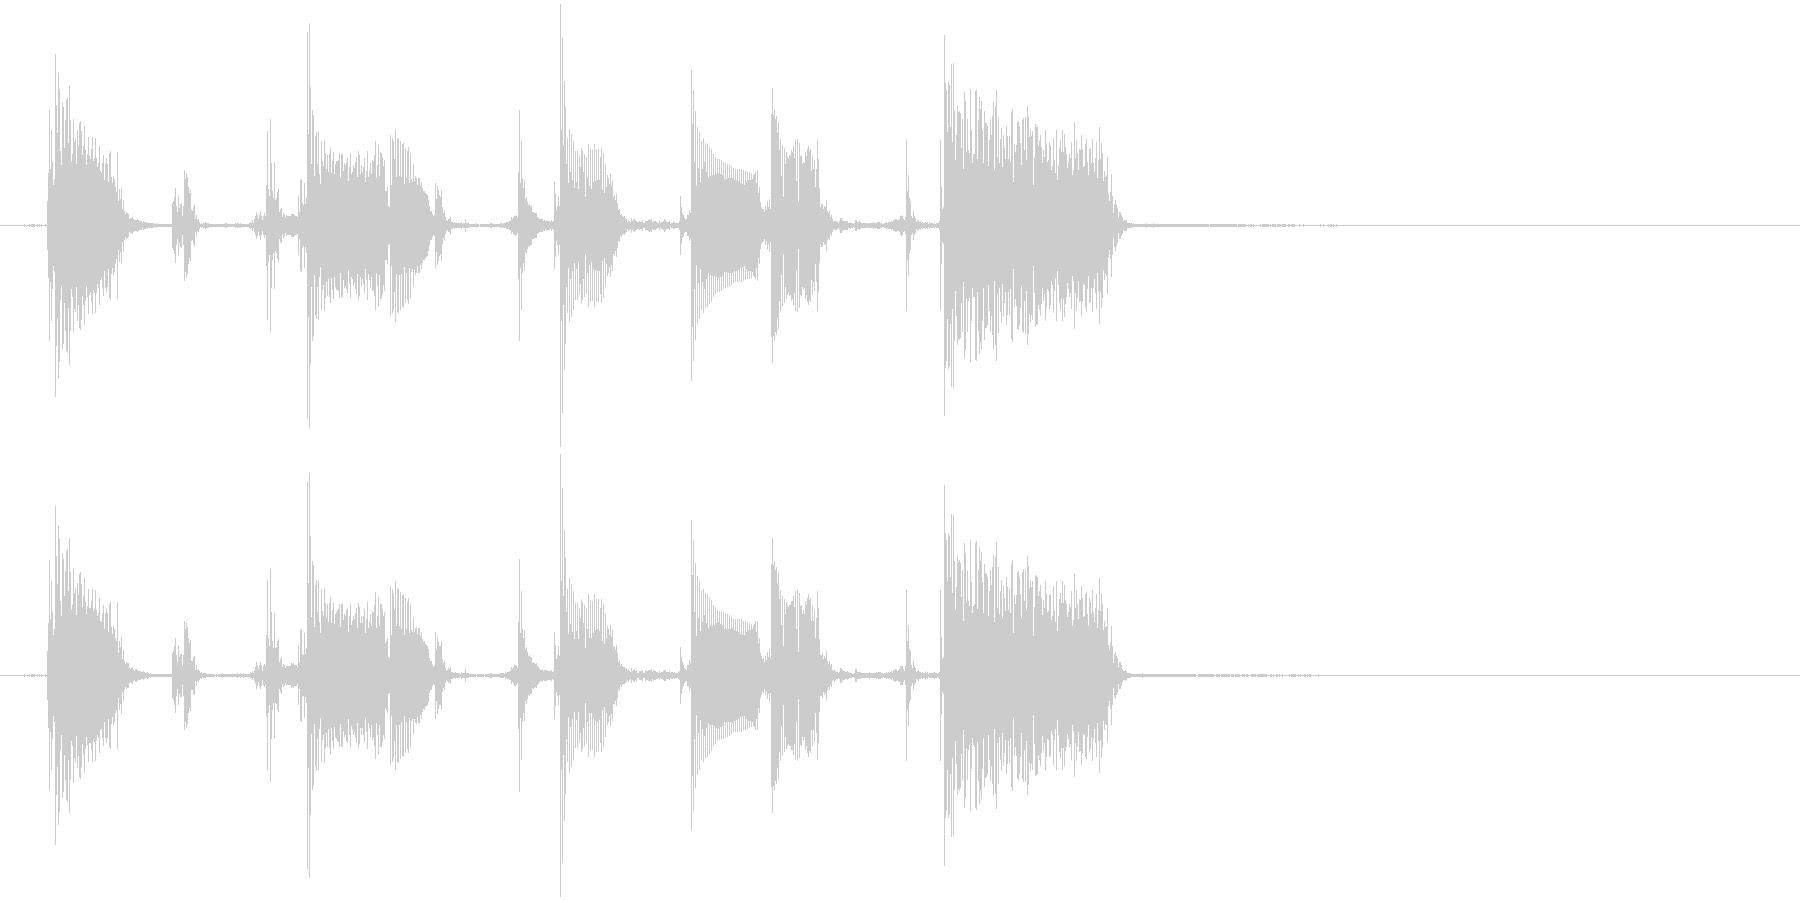 エレキギターのリフの未再生の波形